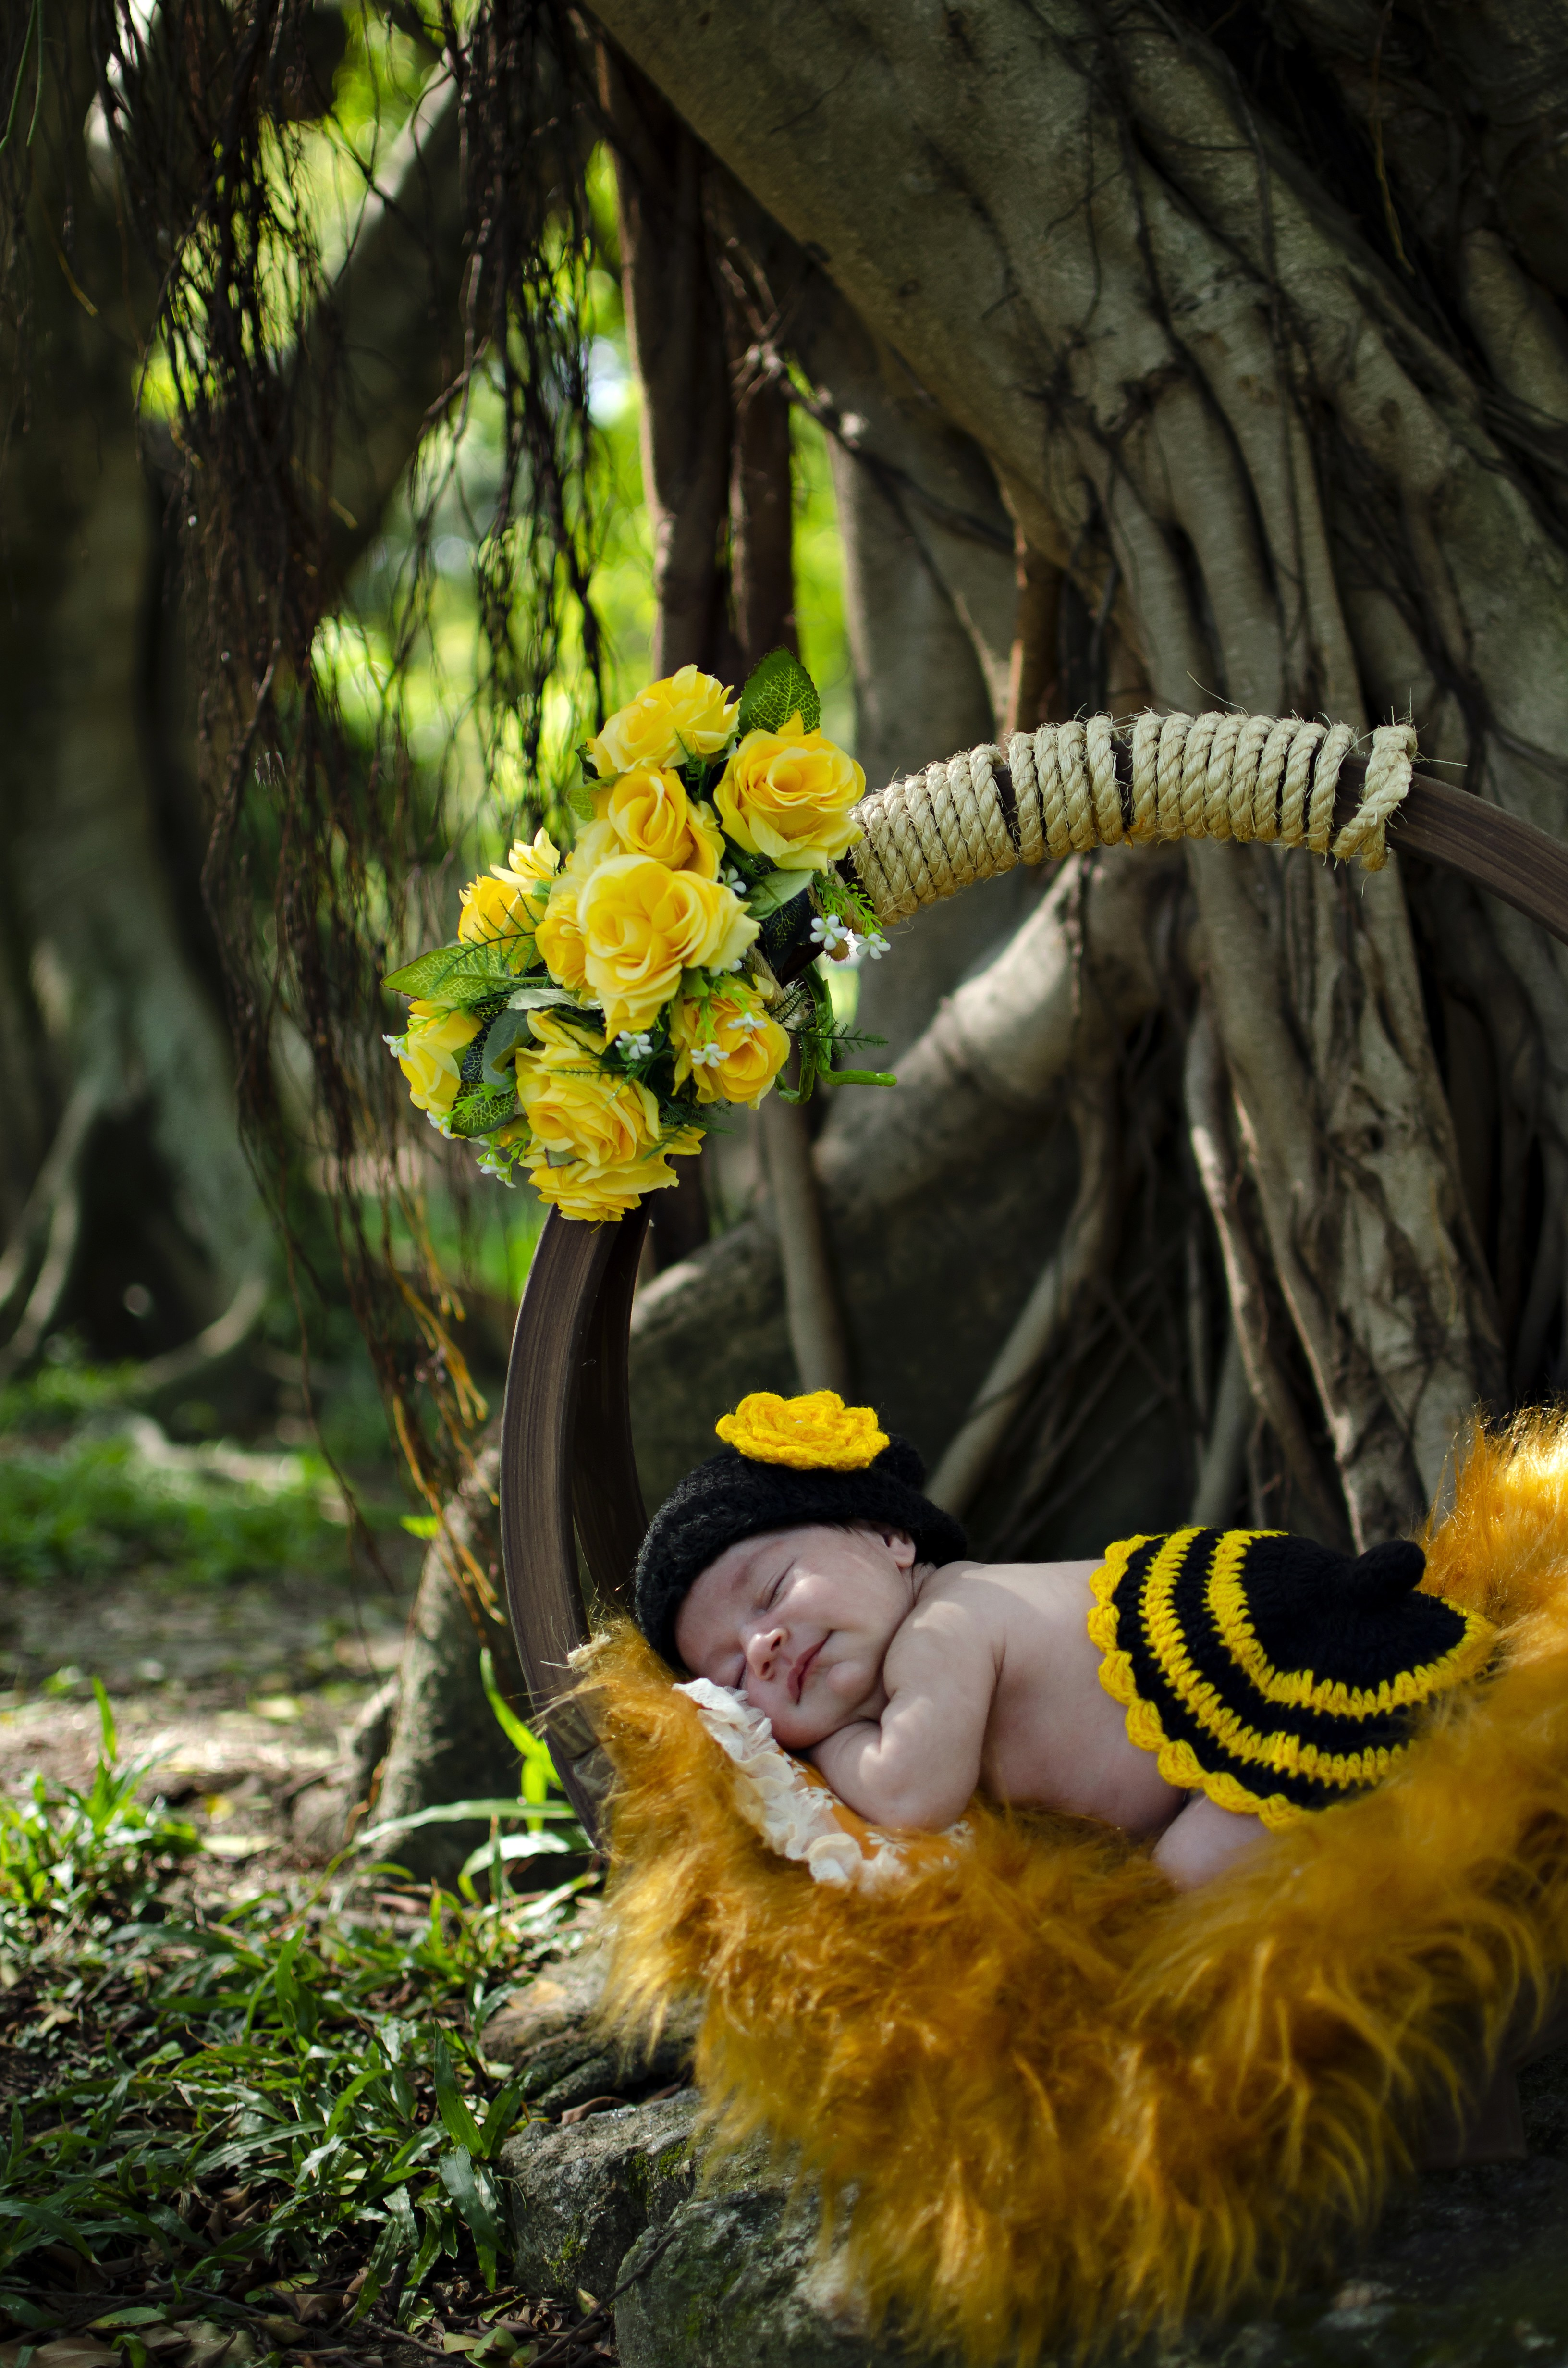 baby Sleeping on Brown Basket Beside Tree